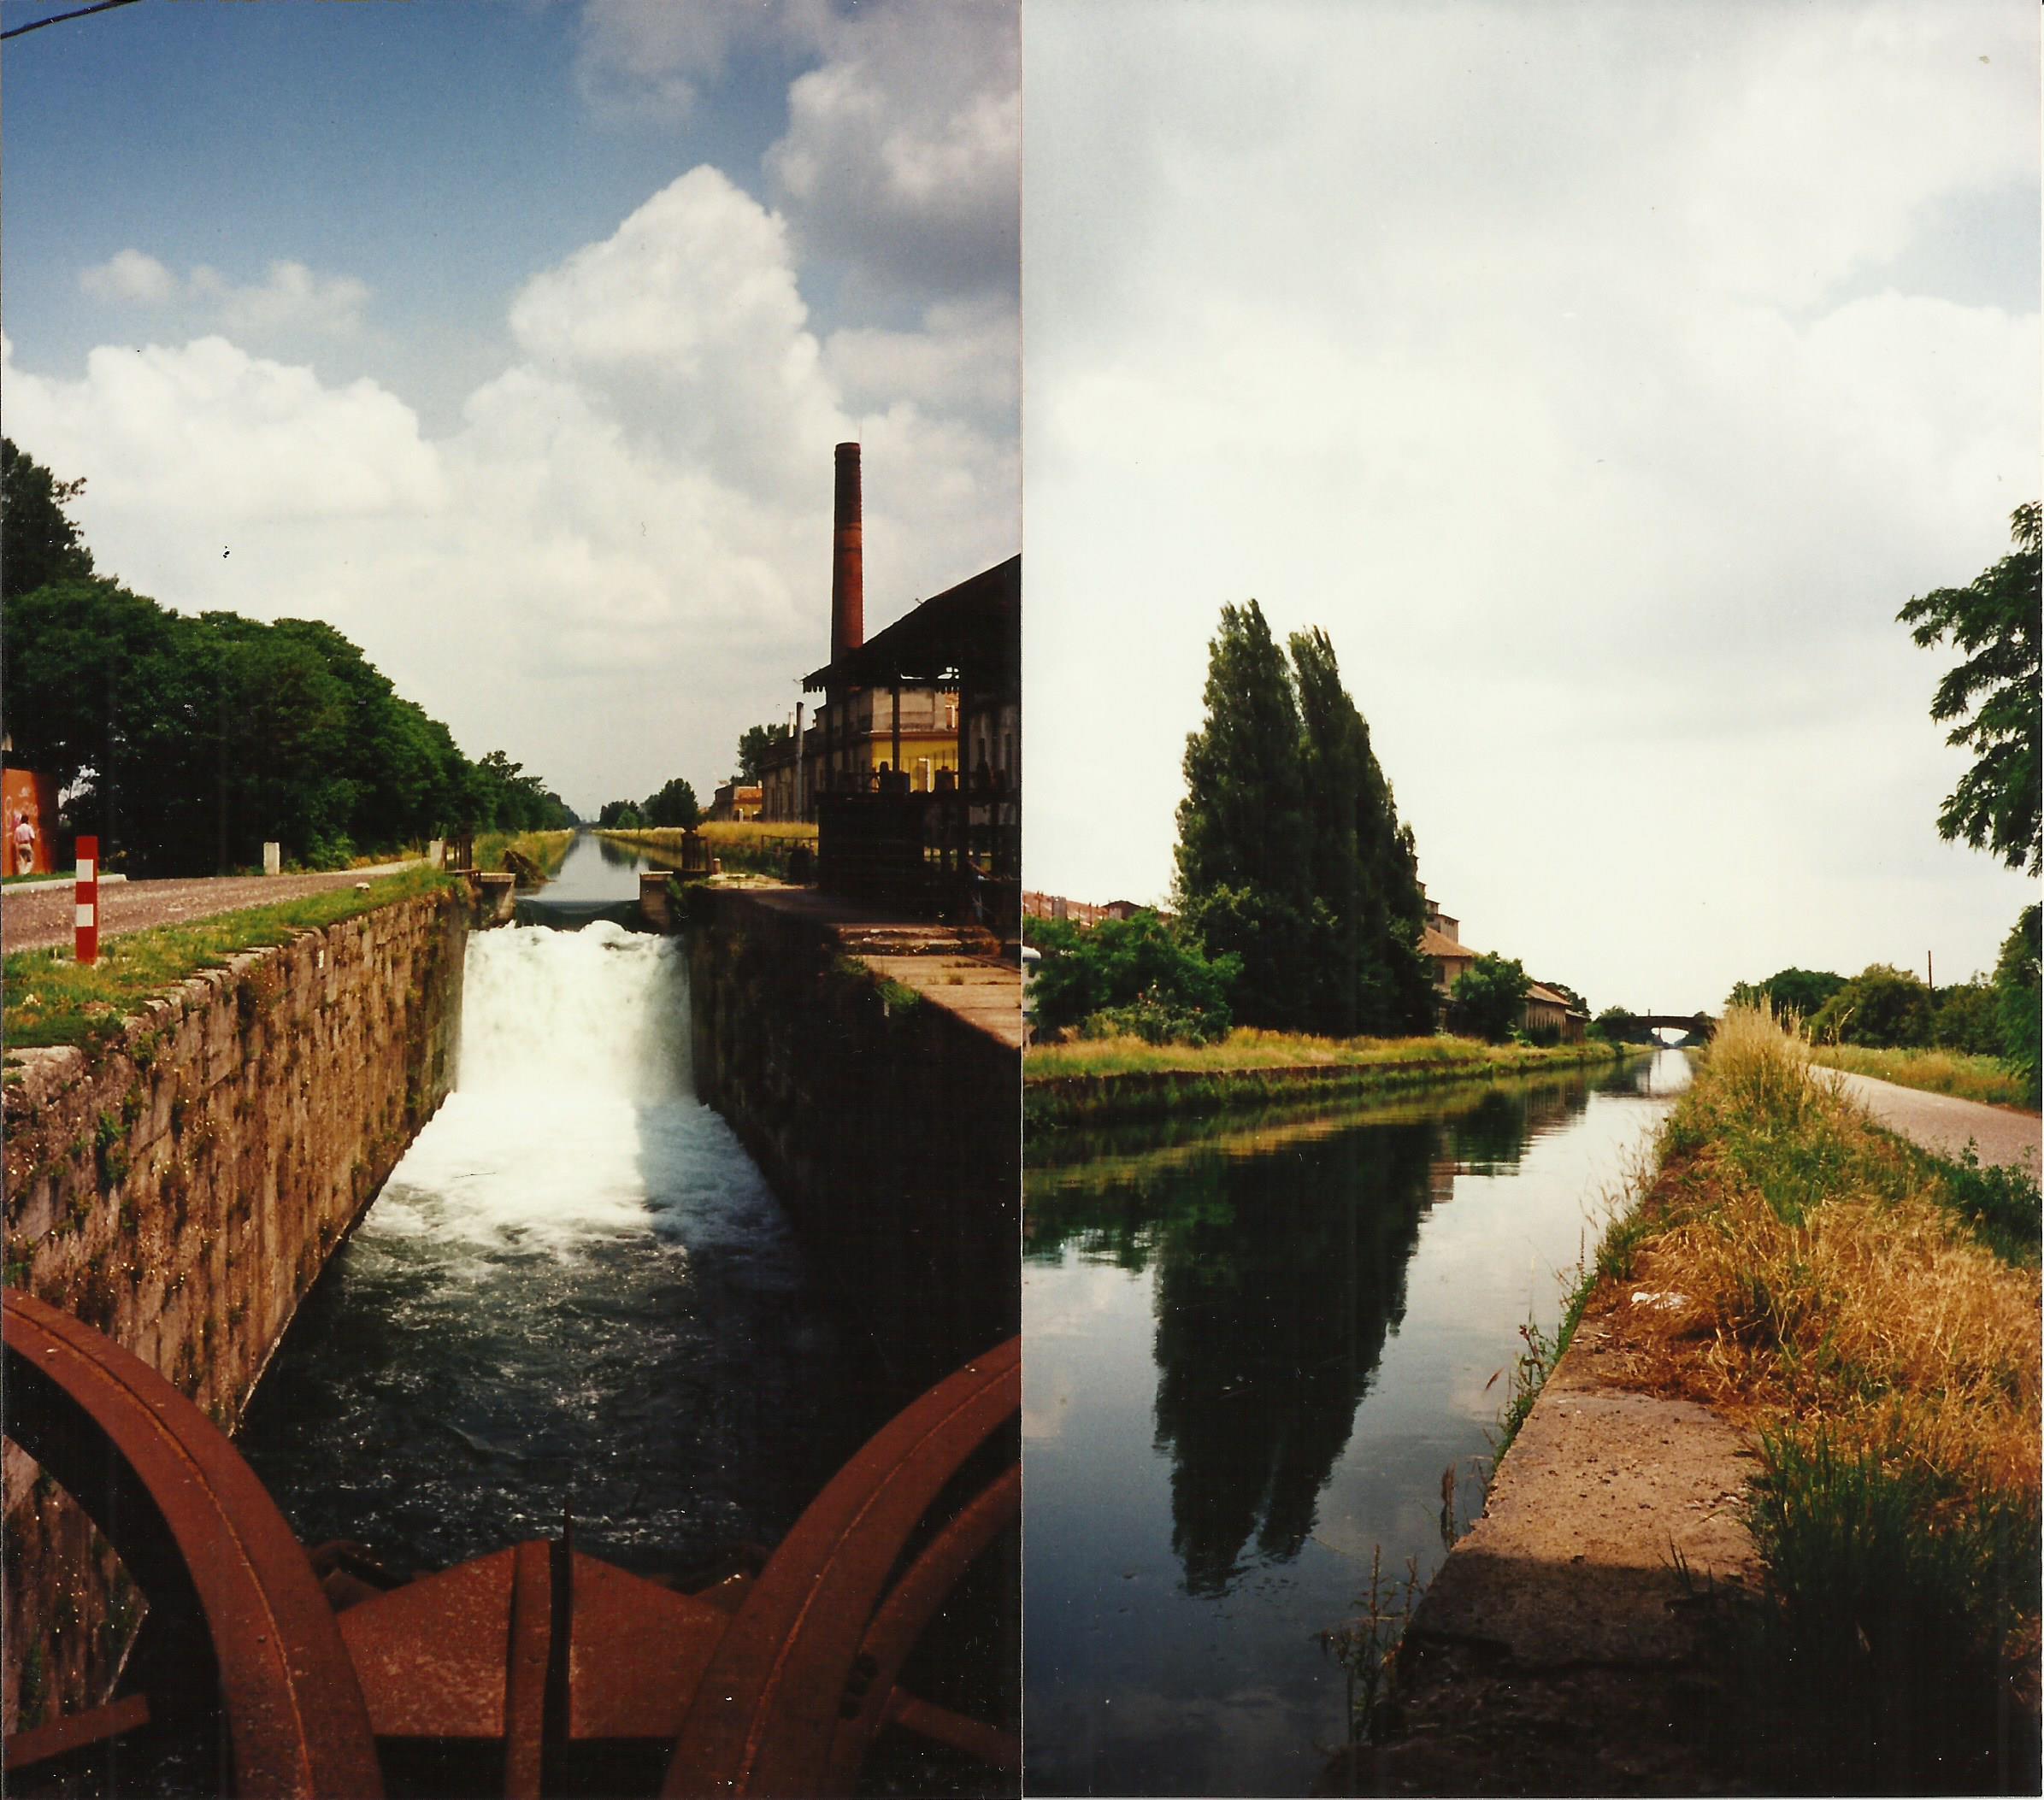 Rozzano, Conc di Rozzano lungo il Naviglio Pavese, chiuse ed edificio della vecchia Filanda di Rozzano (1995). Fonte fotografica p